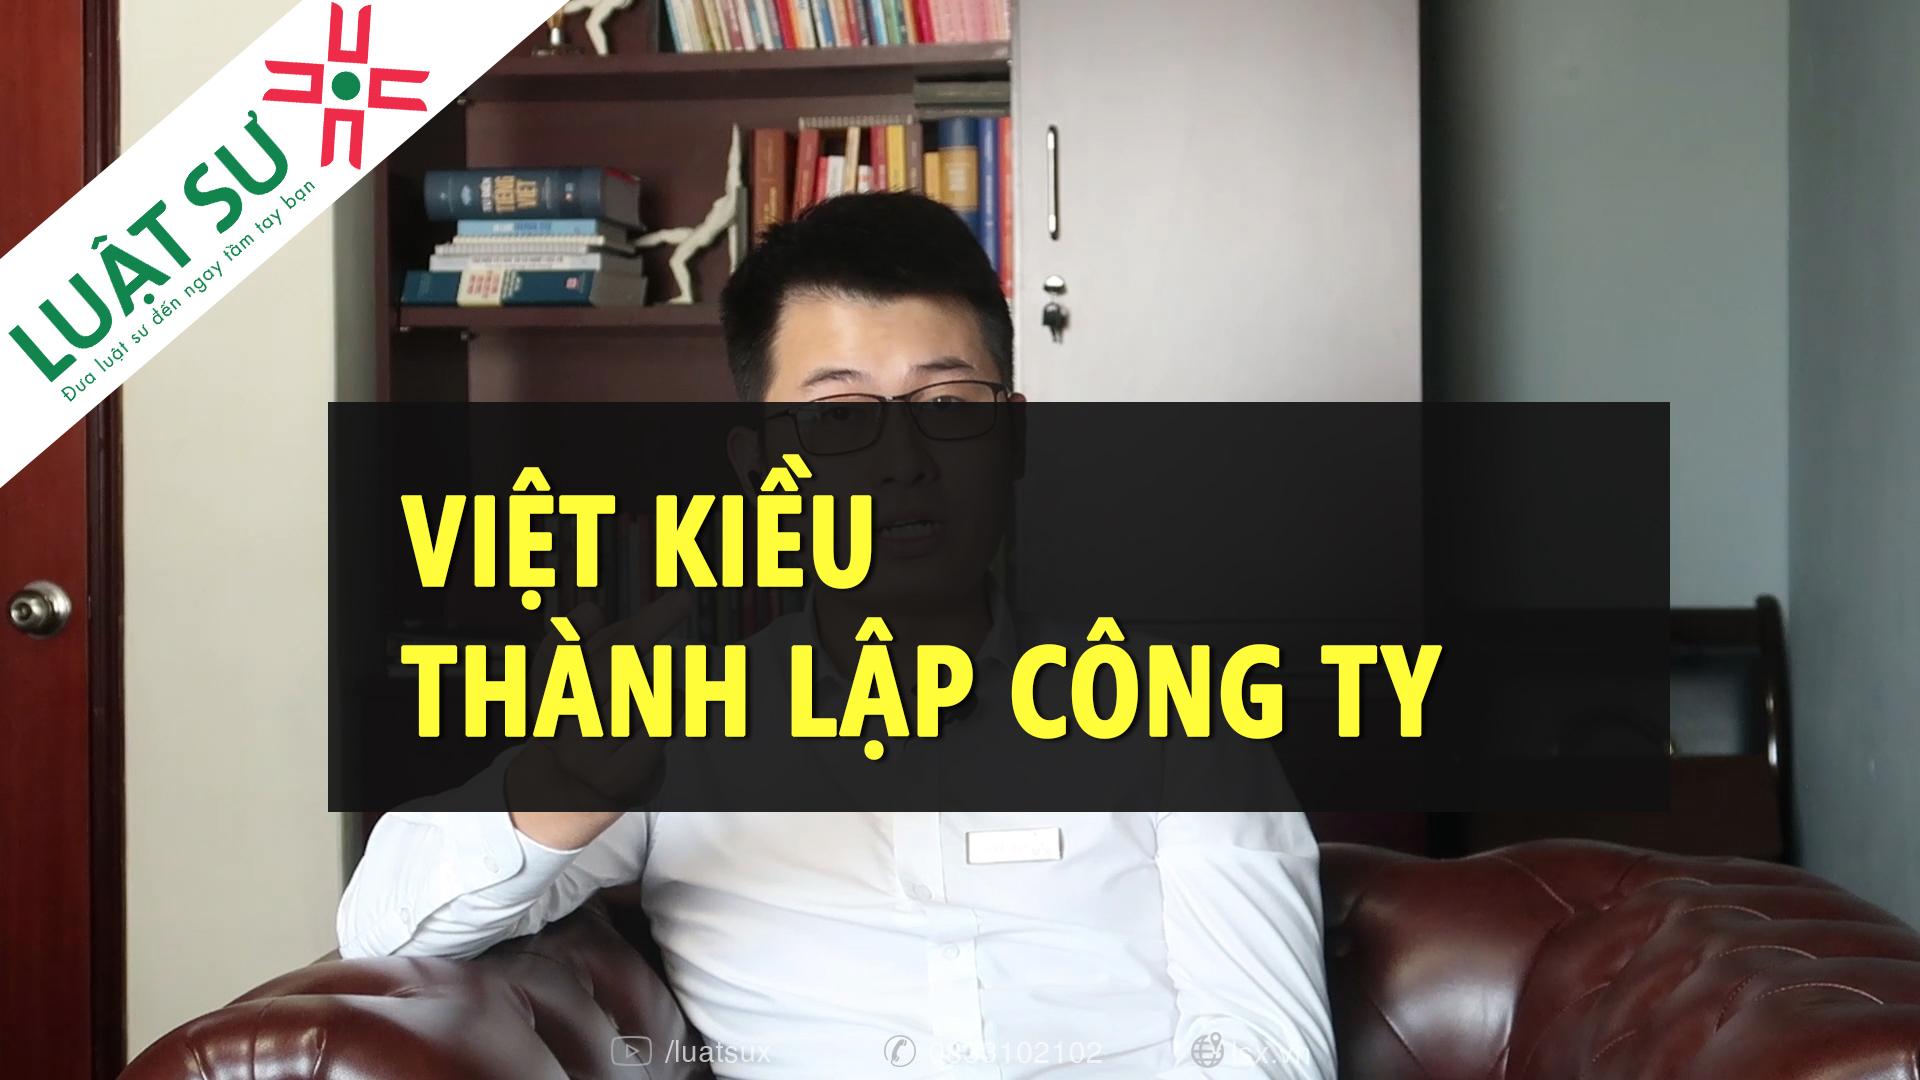 Việt Kiều có được thành lập công ty tại Việt Nam không?